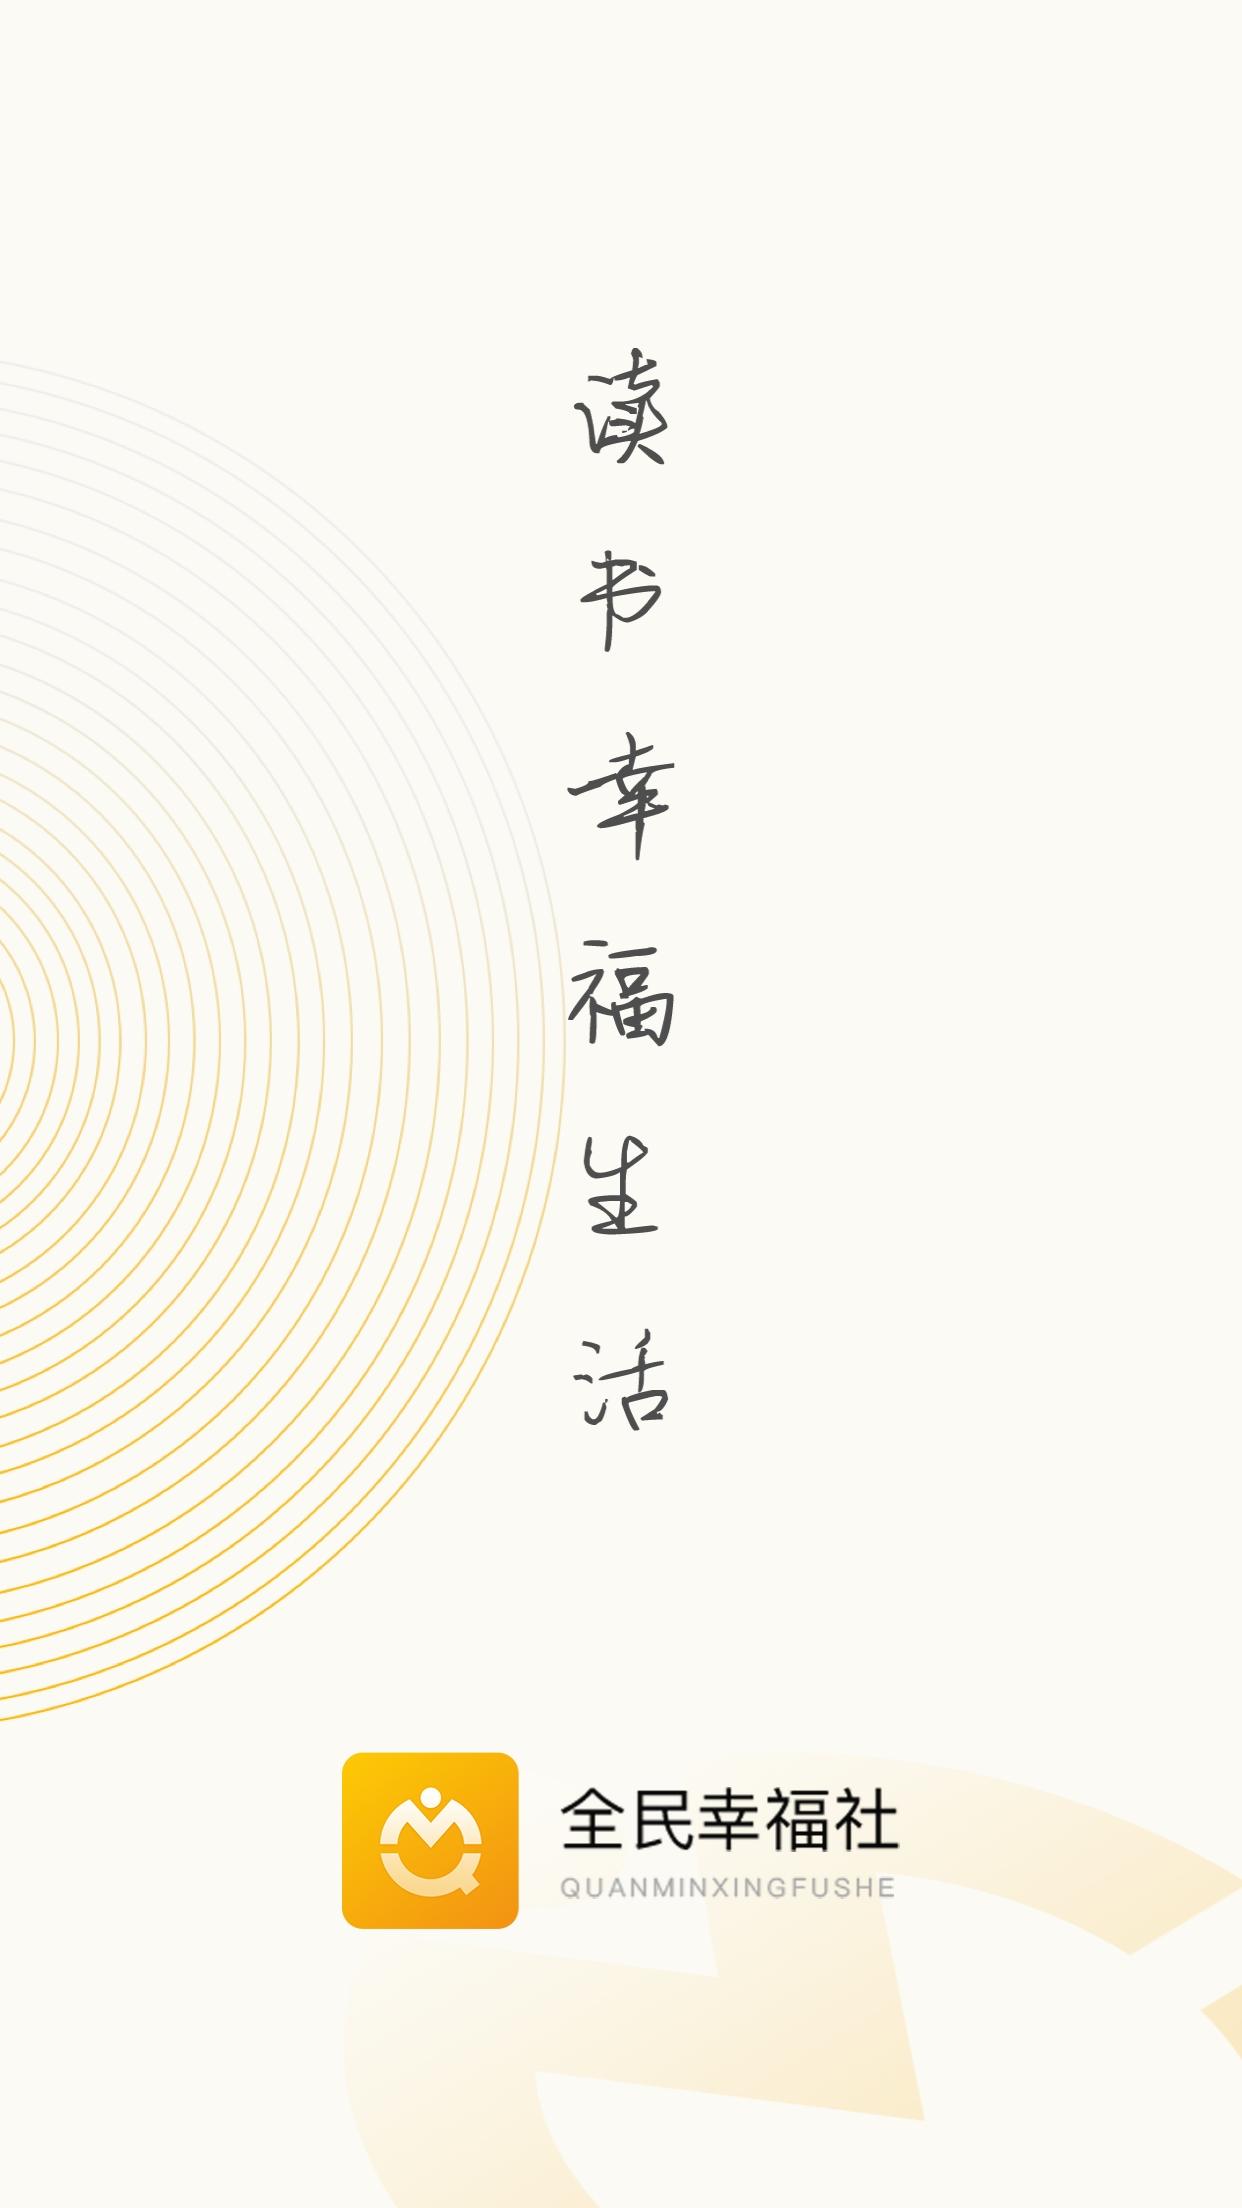 全民幸福社 V4.9.7 安卓版截图1